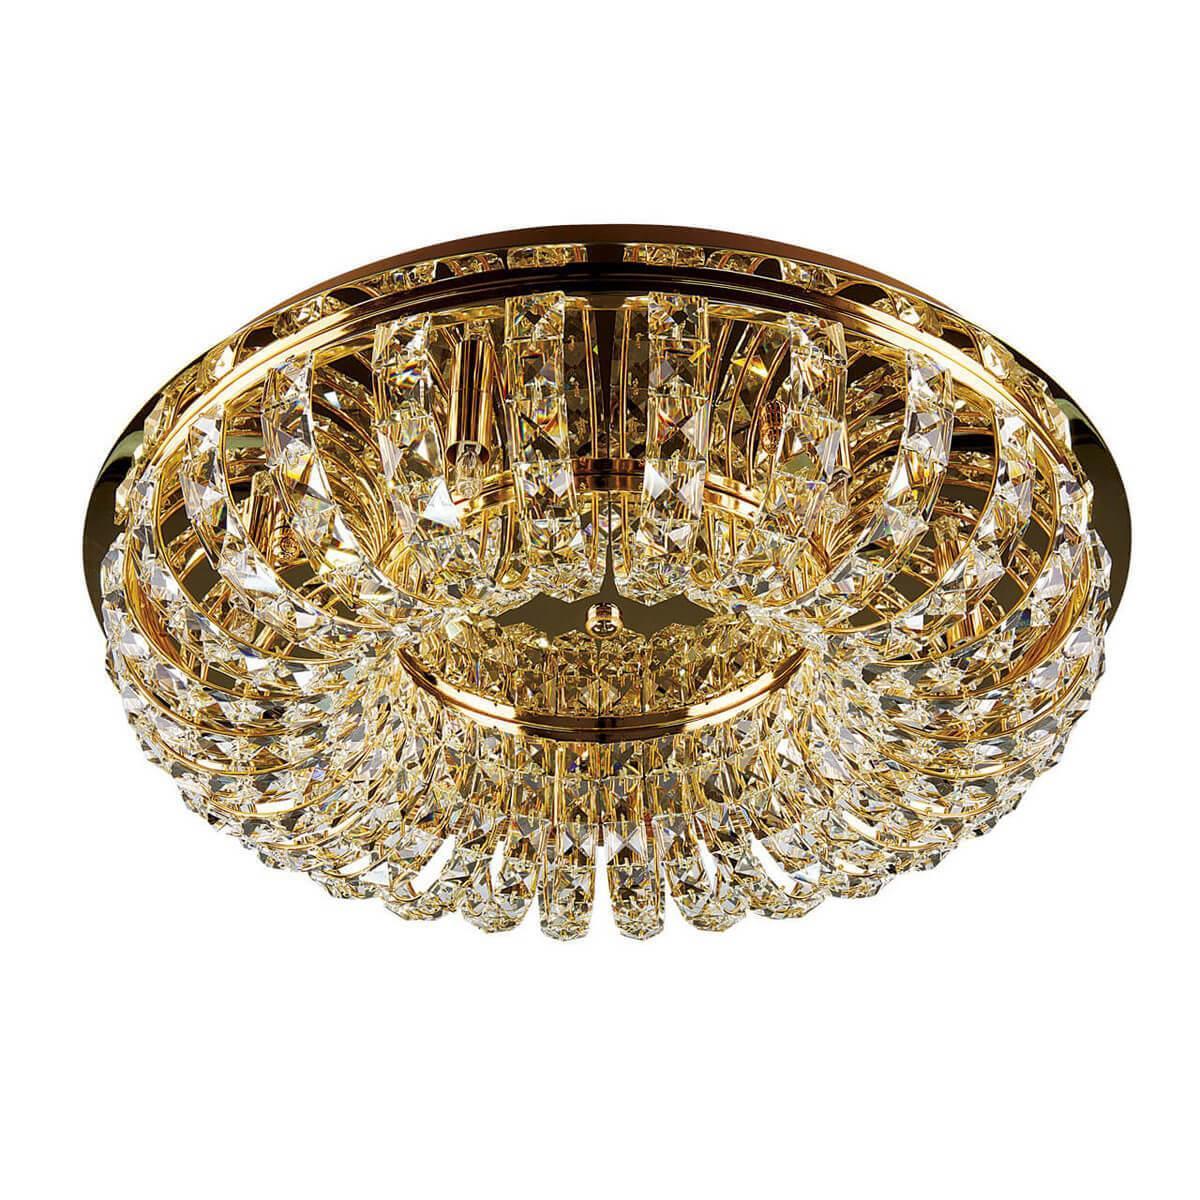 Купить Потолочный светильник Lightstar Onda в интернет магазине дизайнерской мебели и аксессуаров для дома и дачи